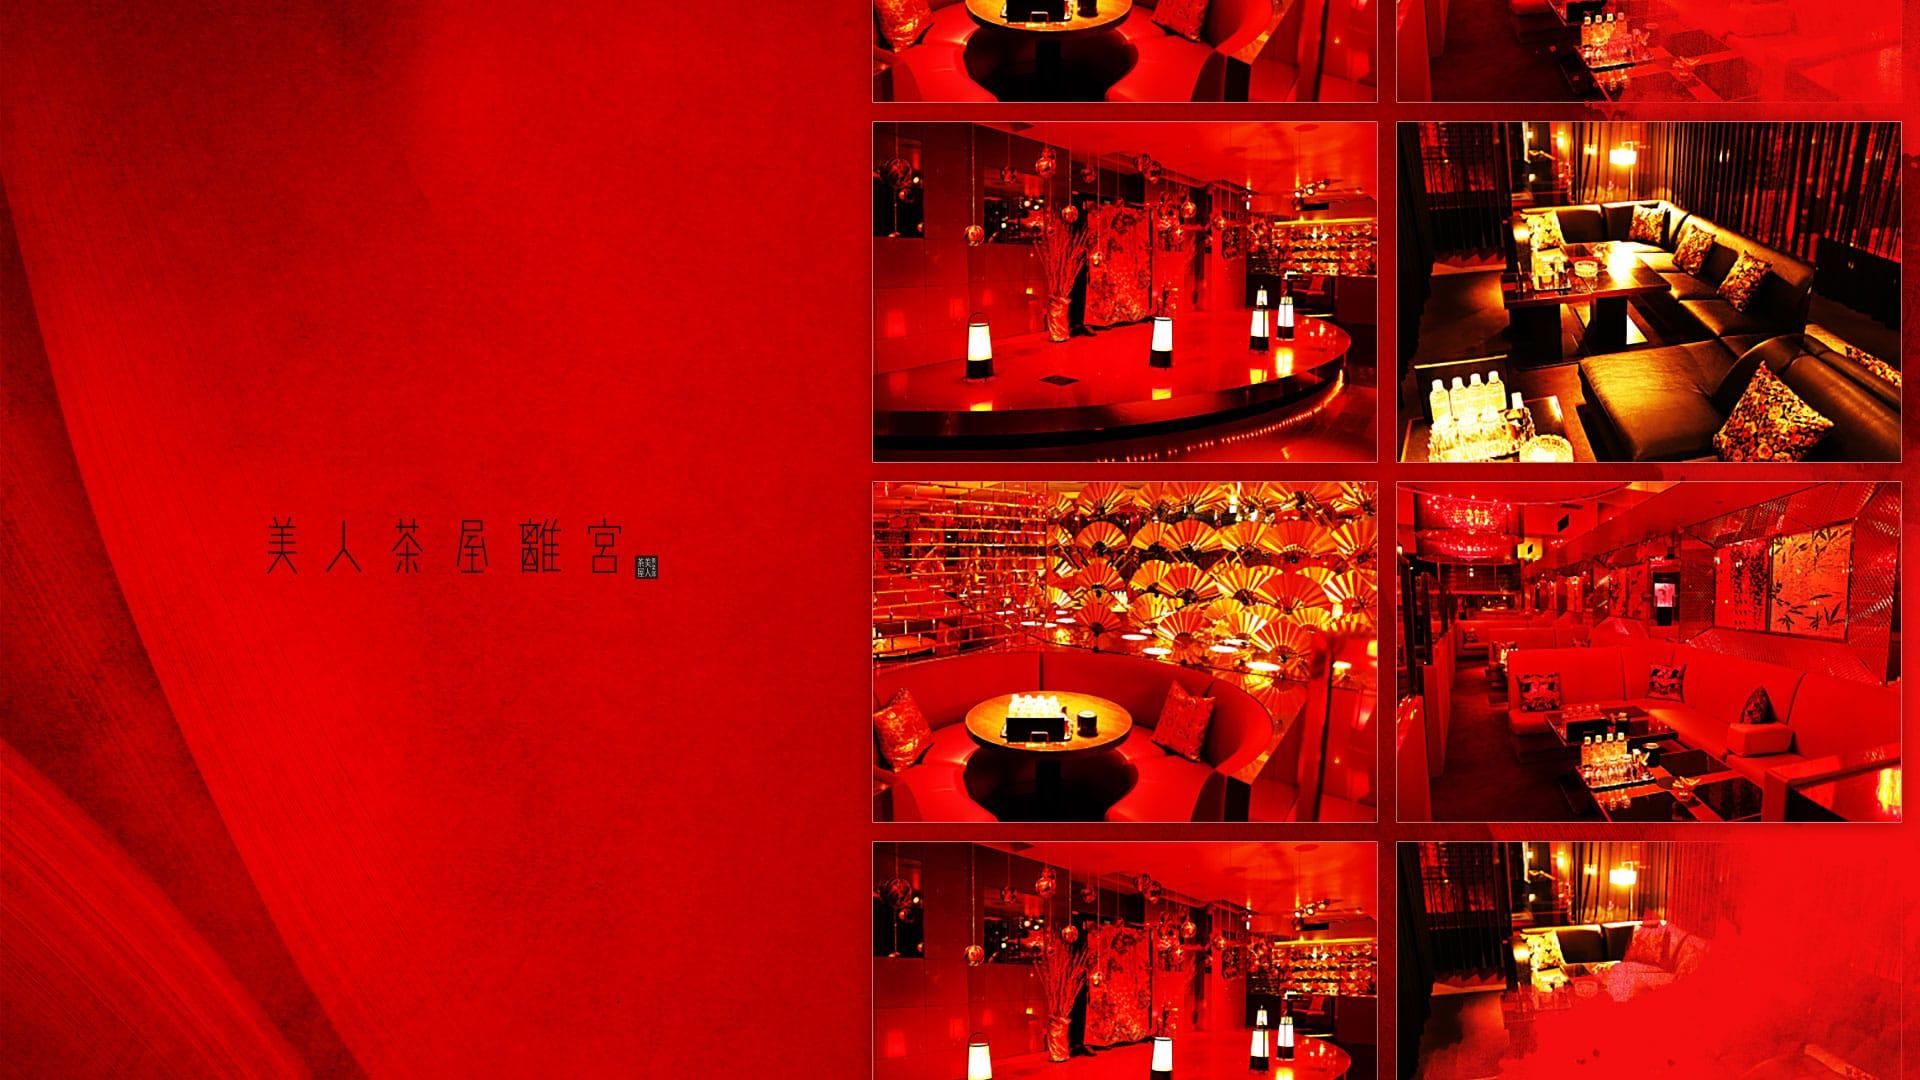 美人茶屋離宮  -ビジンチャヤリキュウ-【公式】 TOP画像